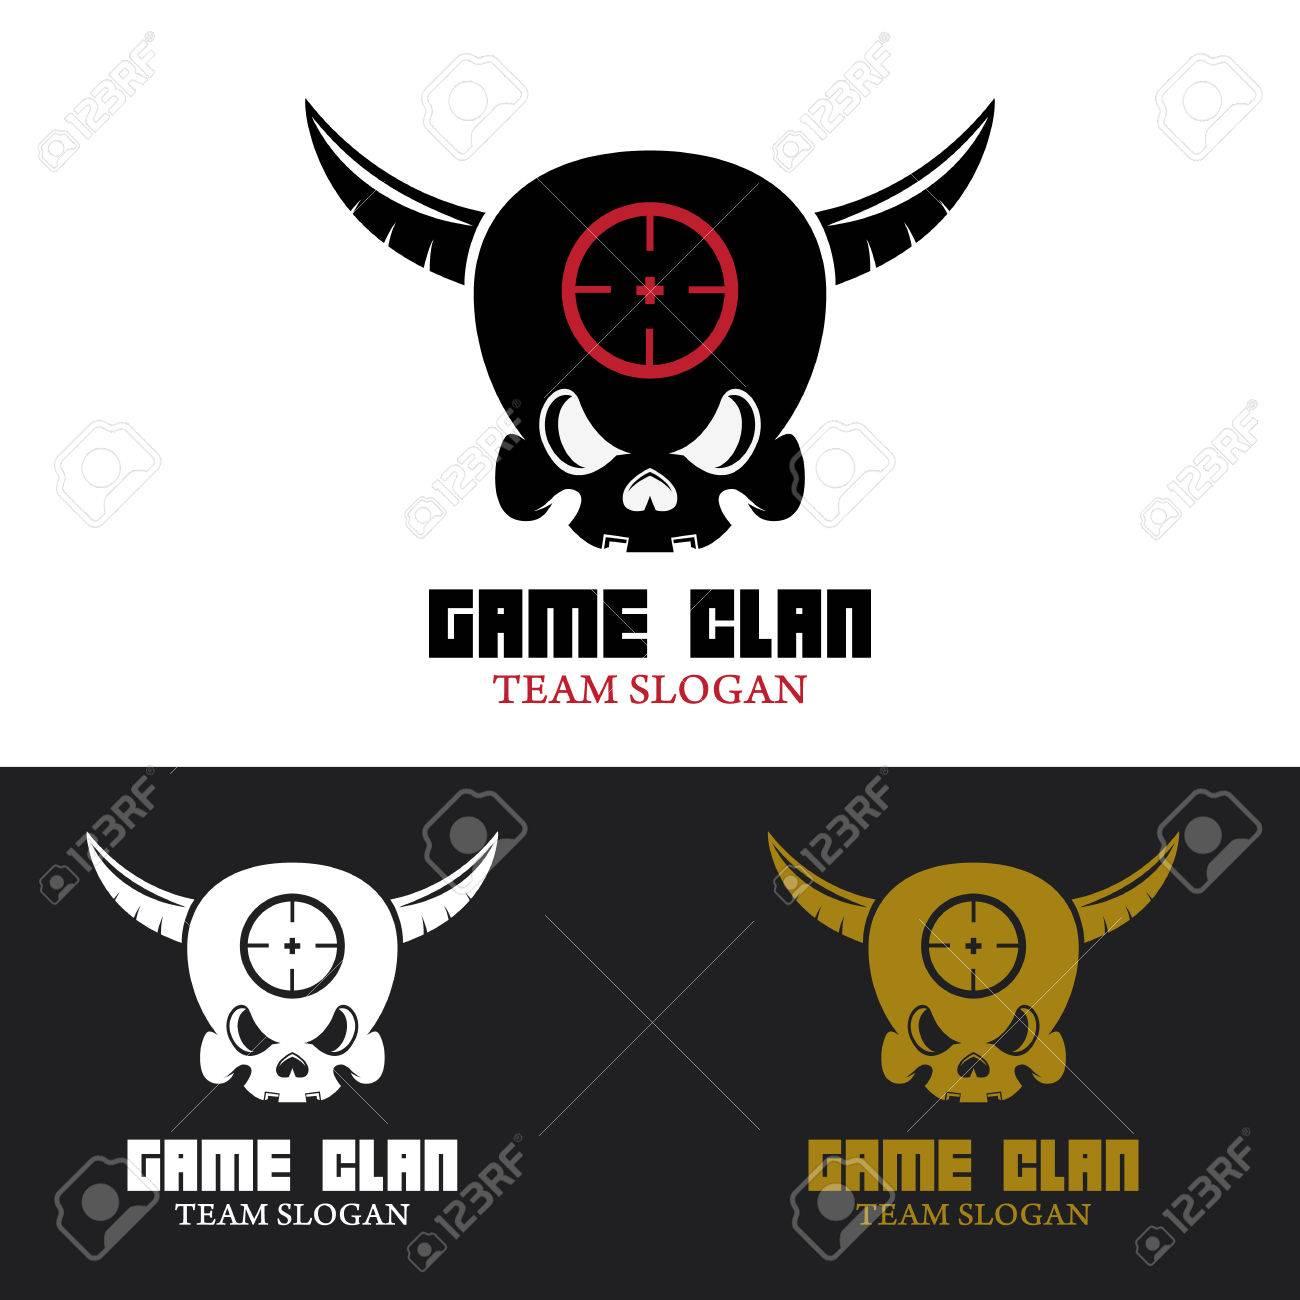 Spiel-Clan-Vorlage. Menschlicher Schädel Mit Hörnern. Design-Element ...